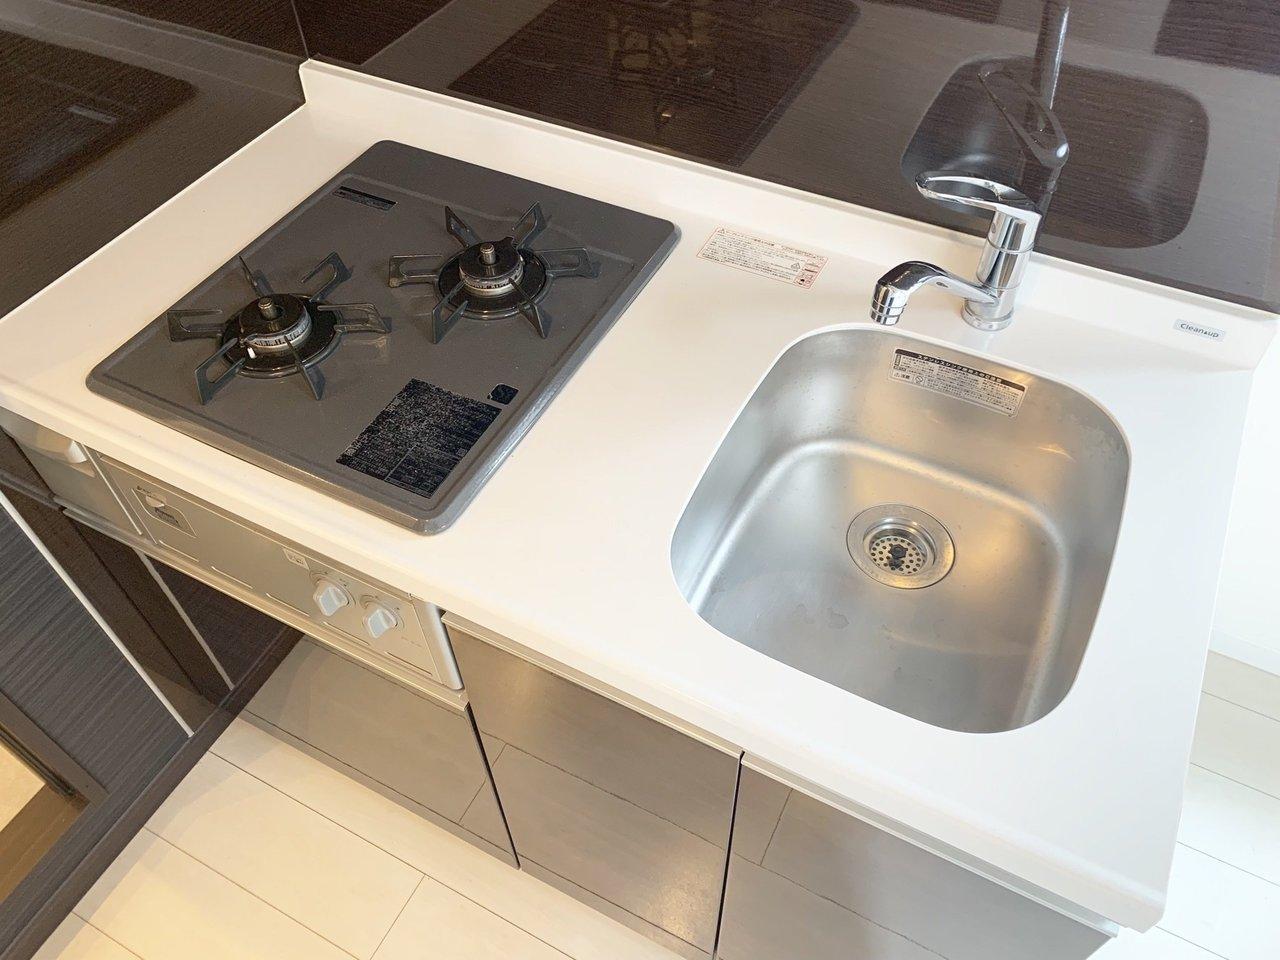 キッチンもコンロは2口あります。隣には冷蔵庫を置けるスペースもありますよ。自炊もそこそこしたいなら、キッチンまわりの設備も大事ですね。